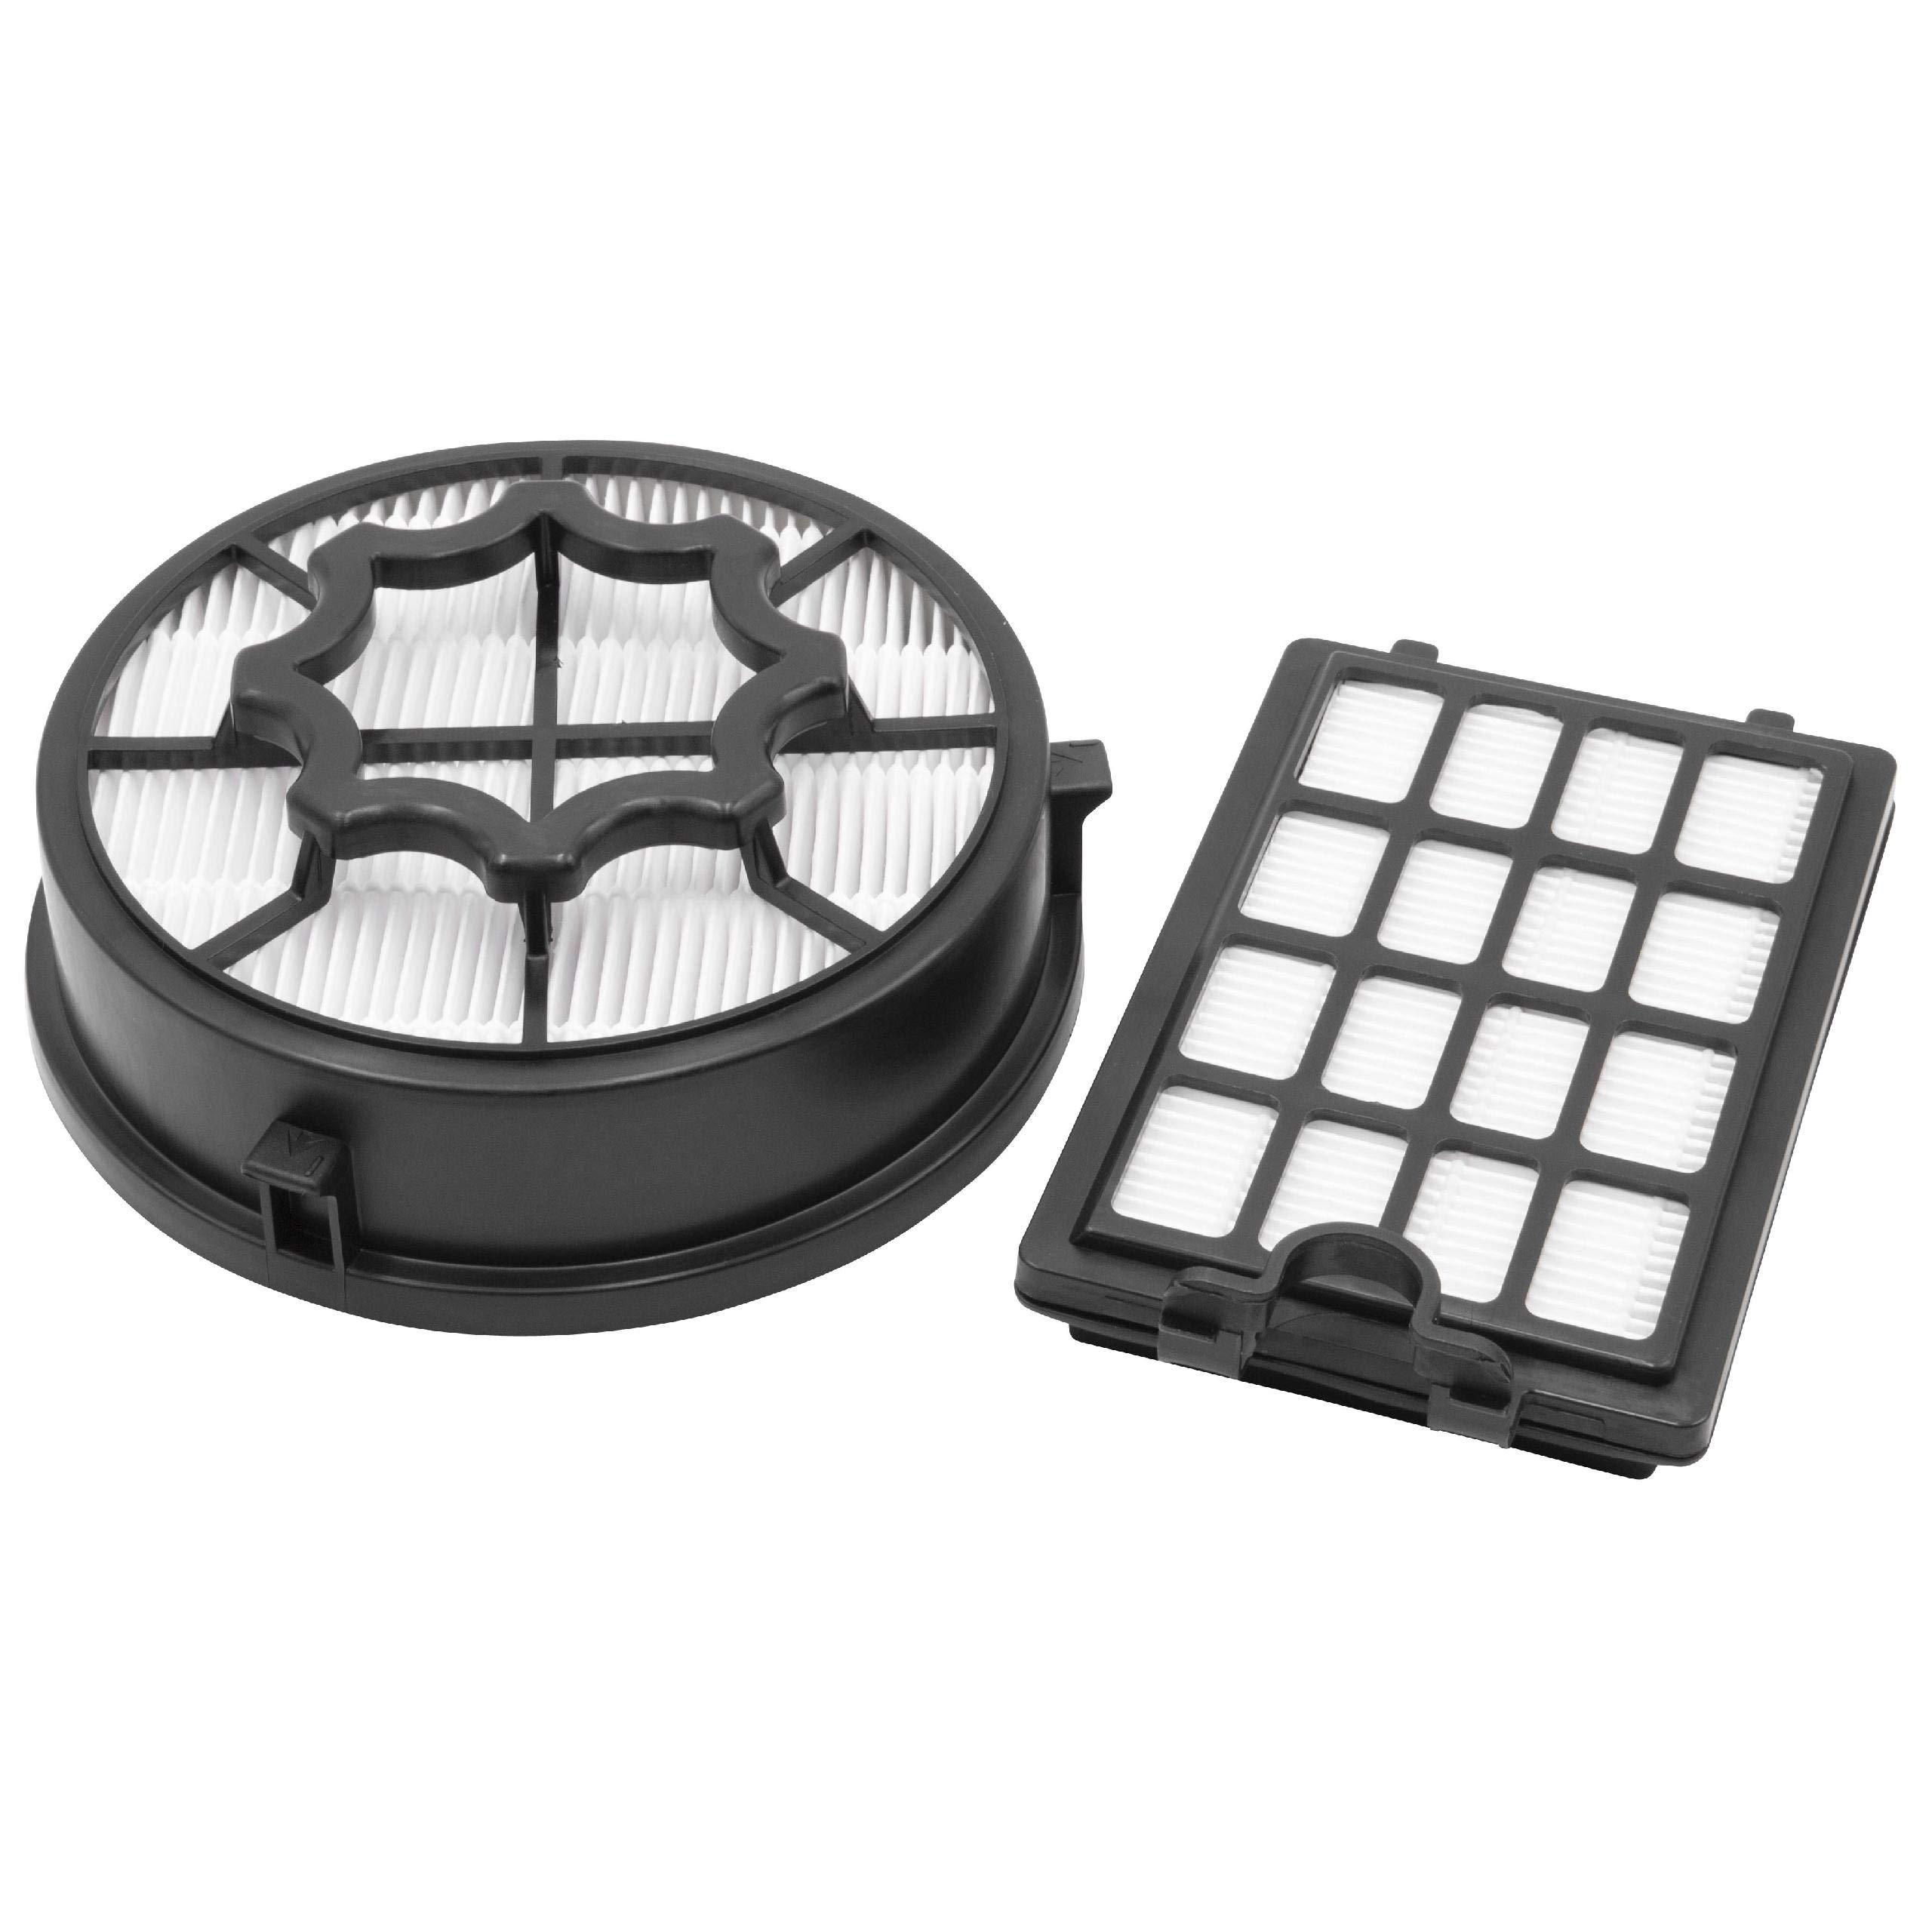 vhbw Set filtros aspiradora compatible con aspiradoras AEG ACC 5110, ACC 5111, ACC 5120. Filtro de aire de salida, 1x Filtro Hepa, 1x filtro premotor: Amazon.es: Hogar